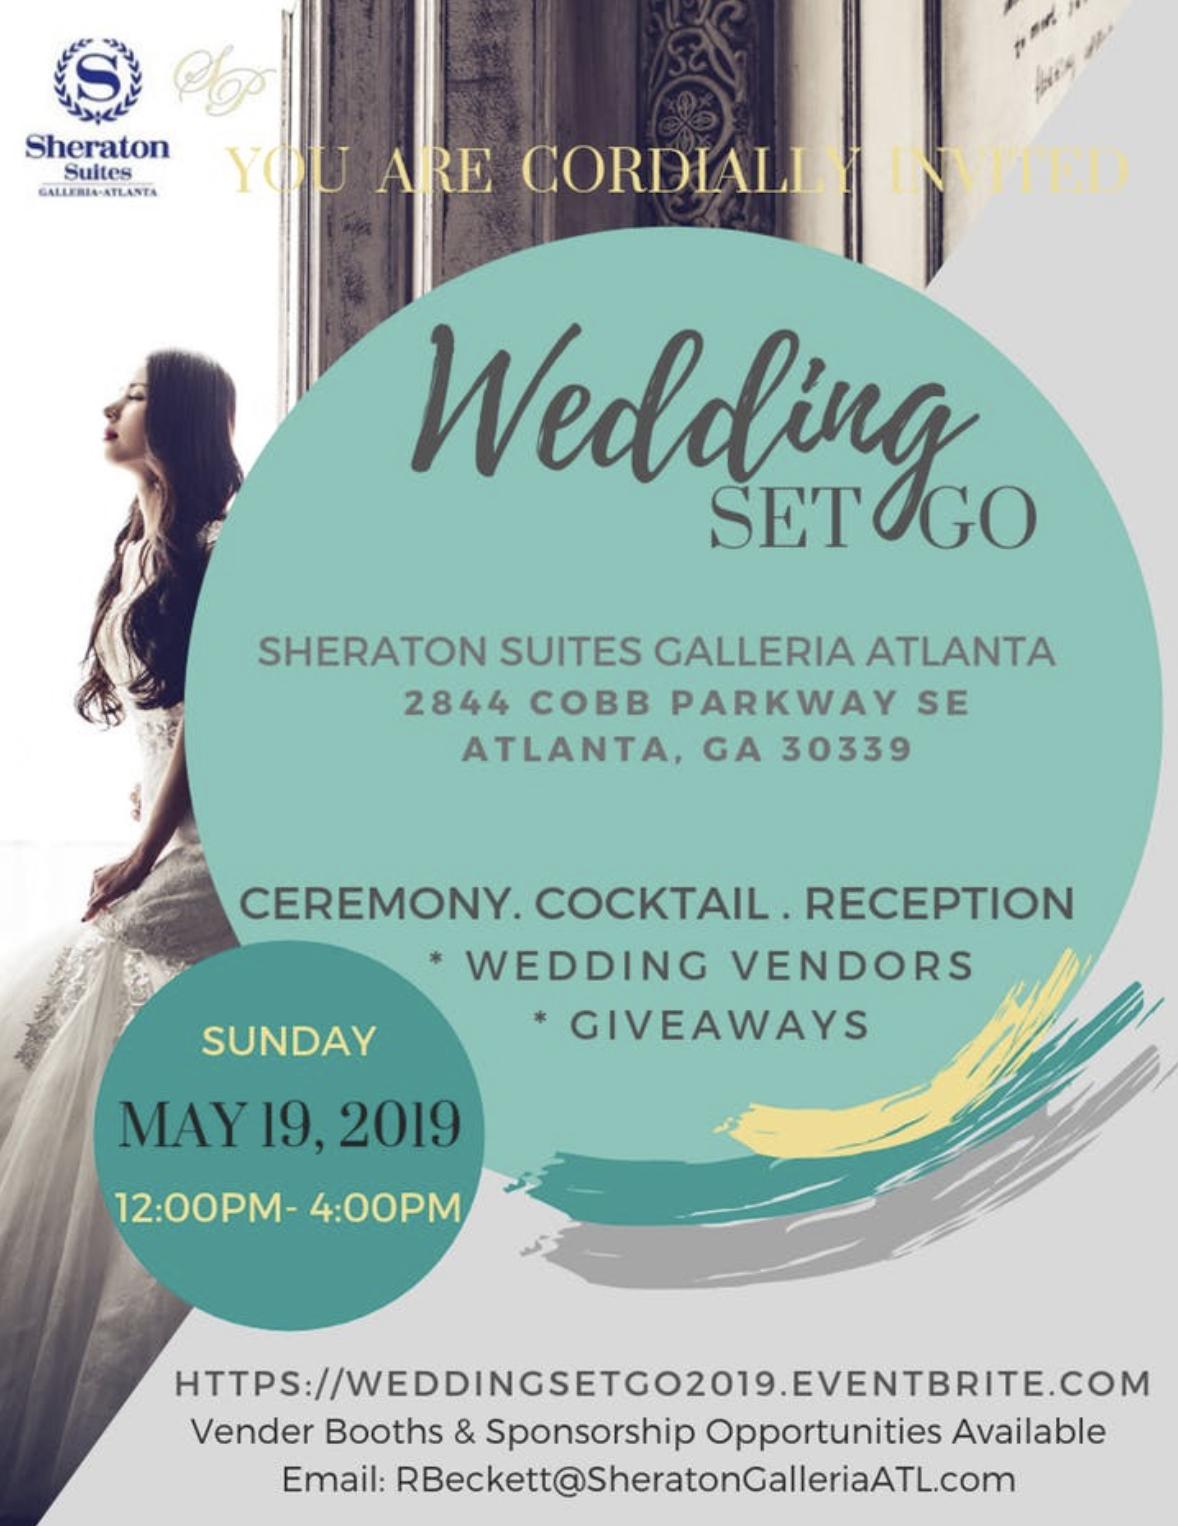 Wedding. Set. Go Bridal Showcase.jpeg